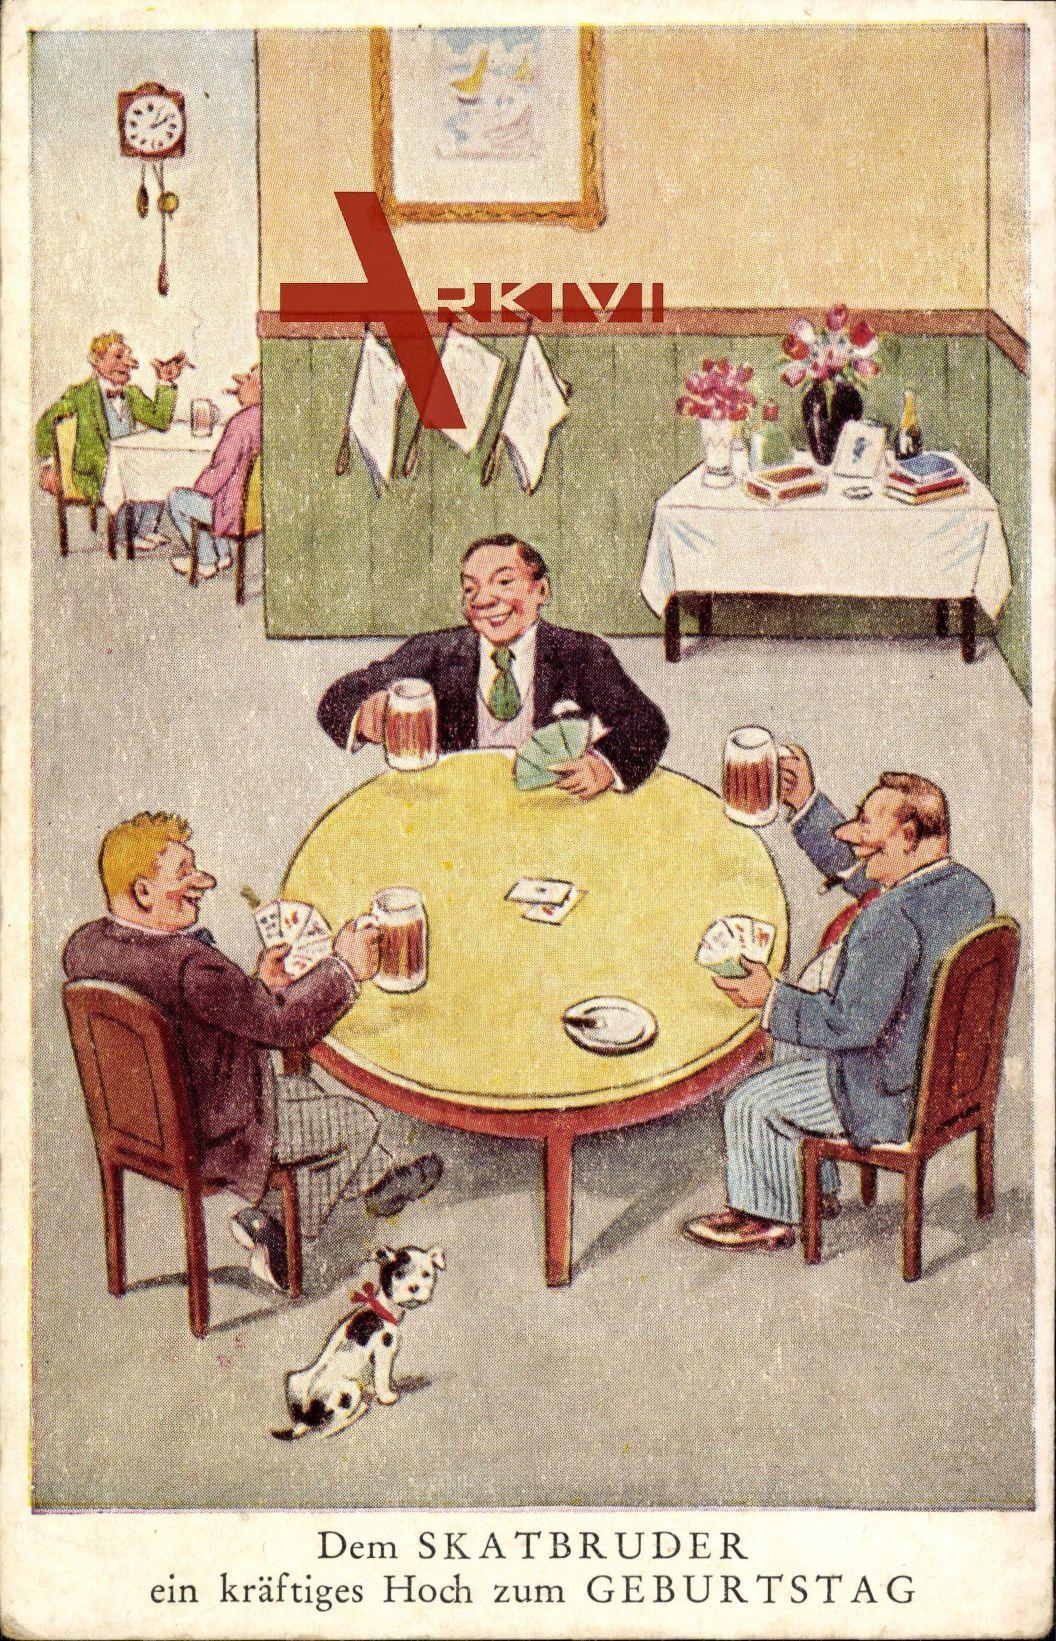 Gluckwunsch Geburtstag Skatbruder Manner Spielen Karten Bier Xl